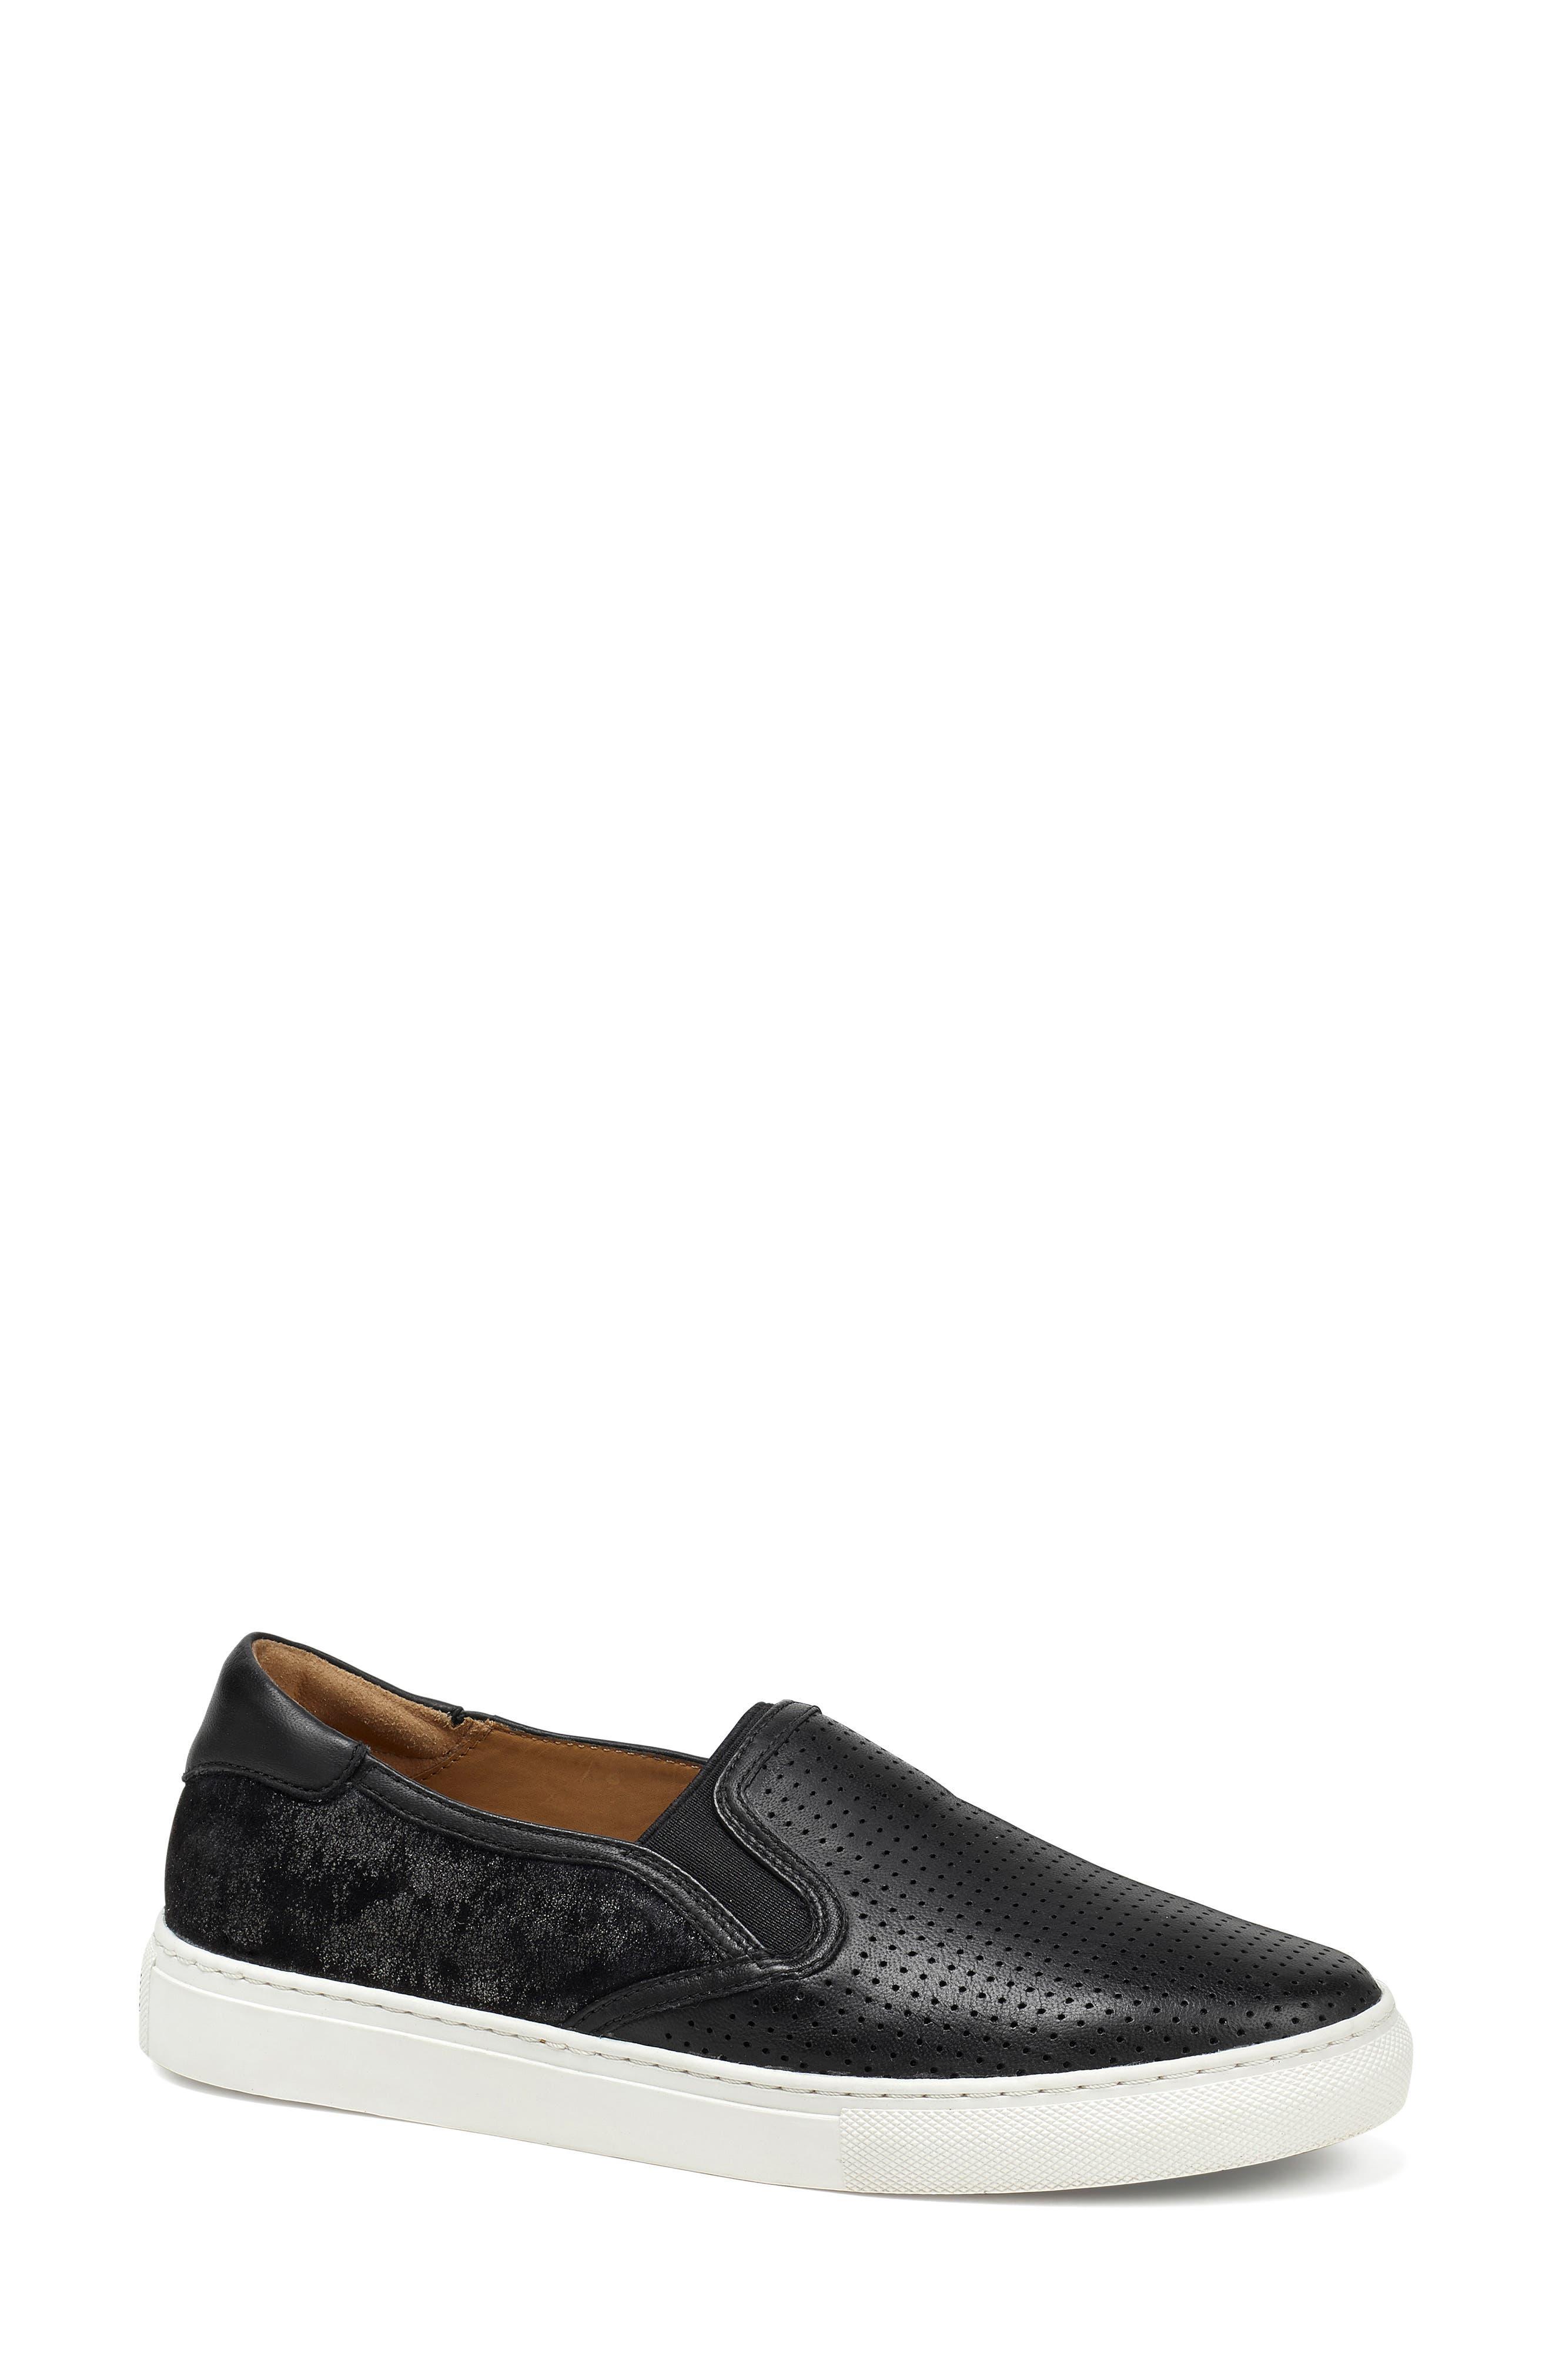 Trask Lillian Water Resistant Slip-On Sneaker- Black